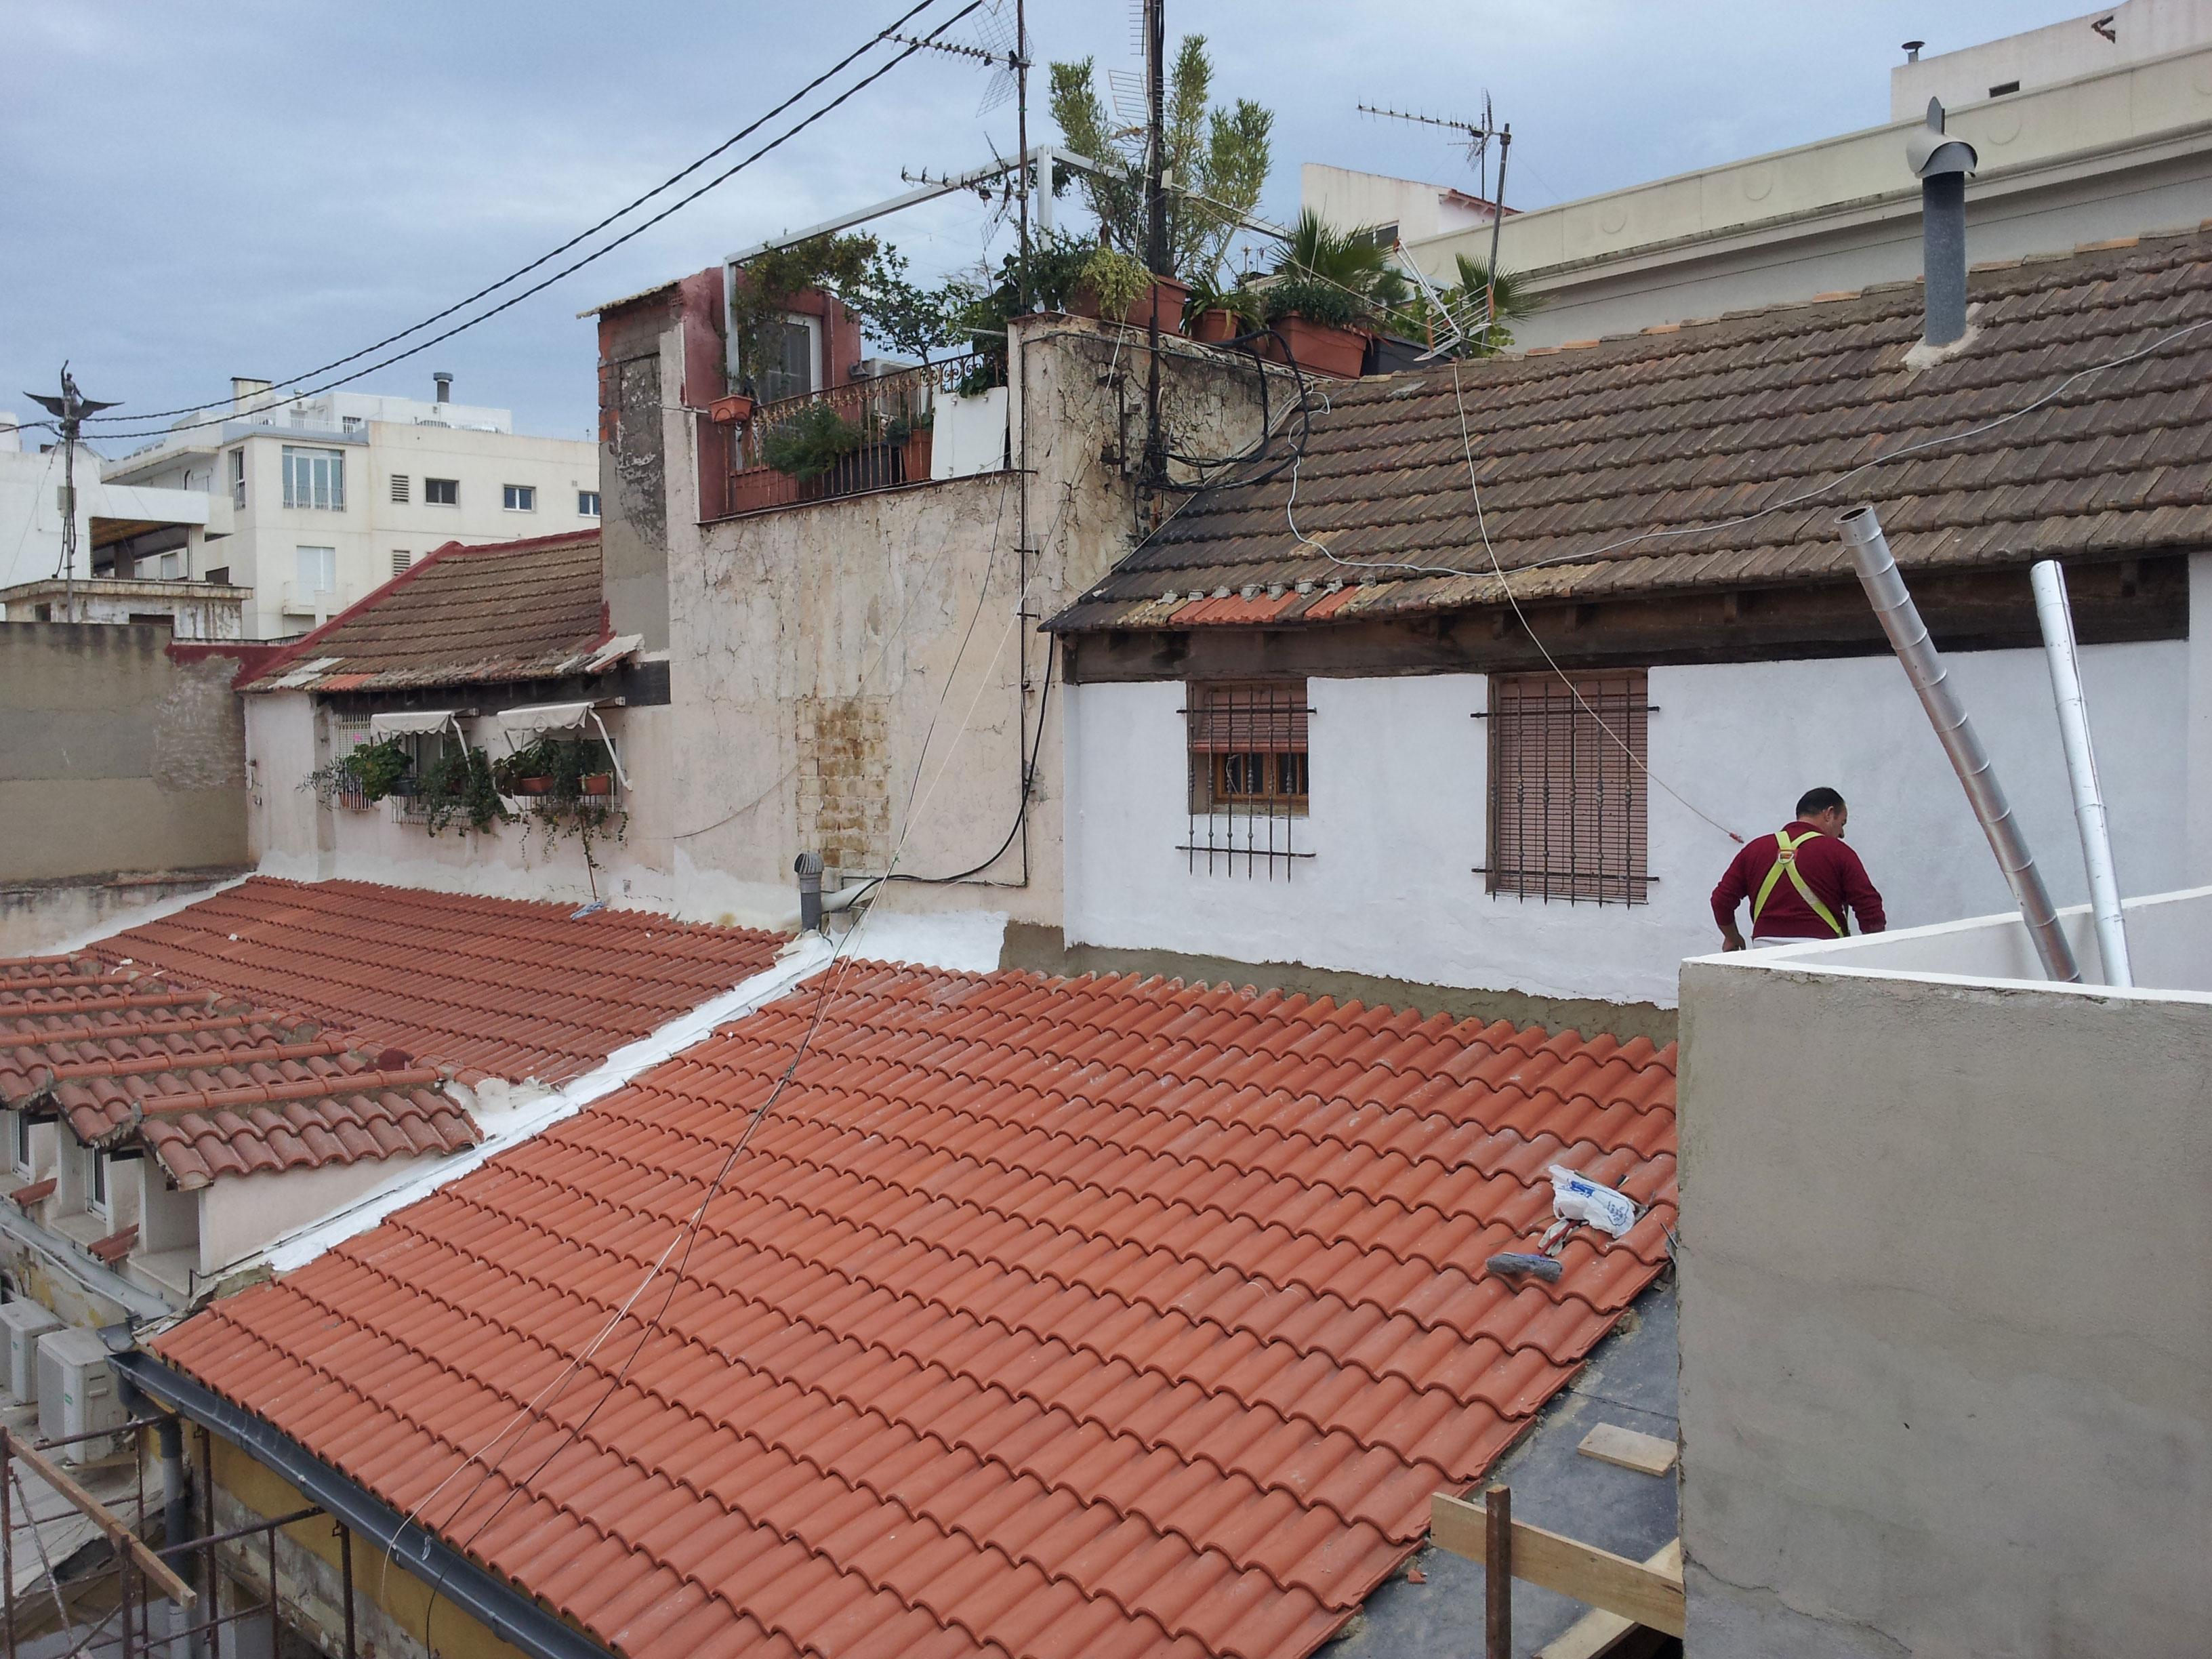 Empresa de obras y reformas en tejados y cubiertas precio en Alicante